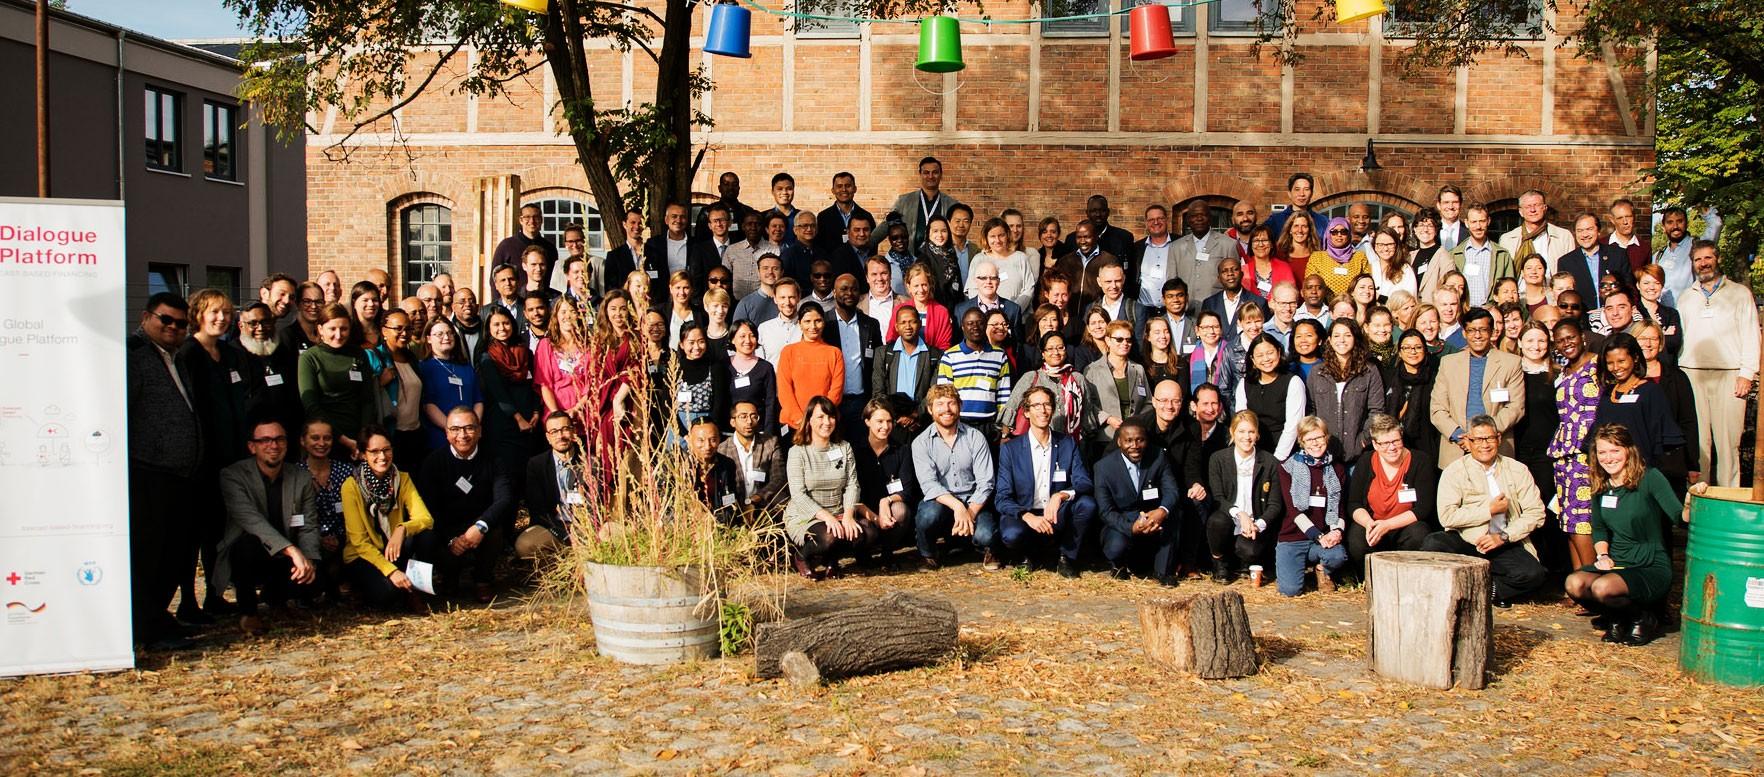 FBF – Rencontre de la plateforme mondiale de dialogue sur les financements basés sur les prévisions